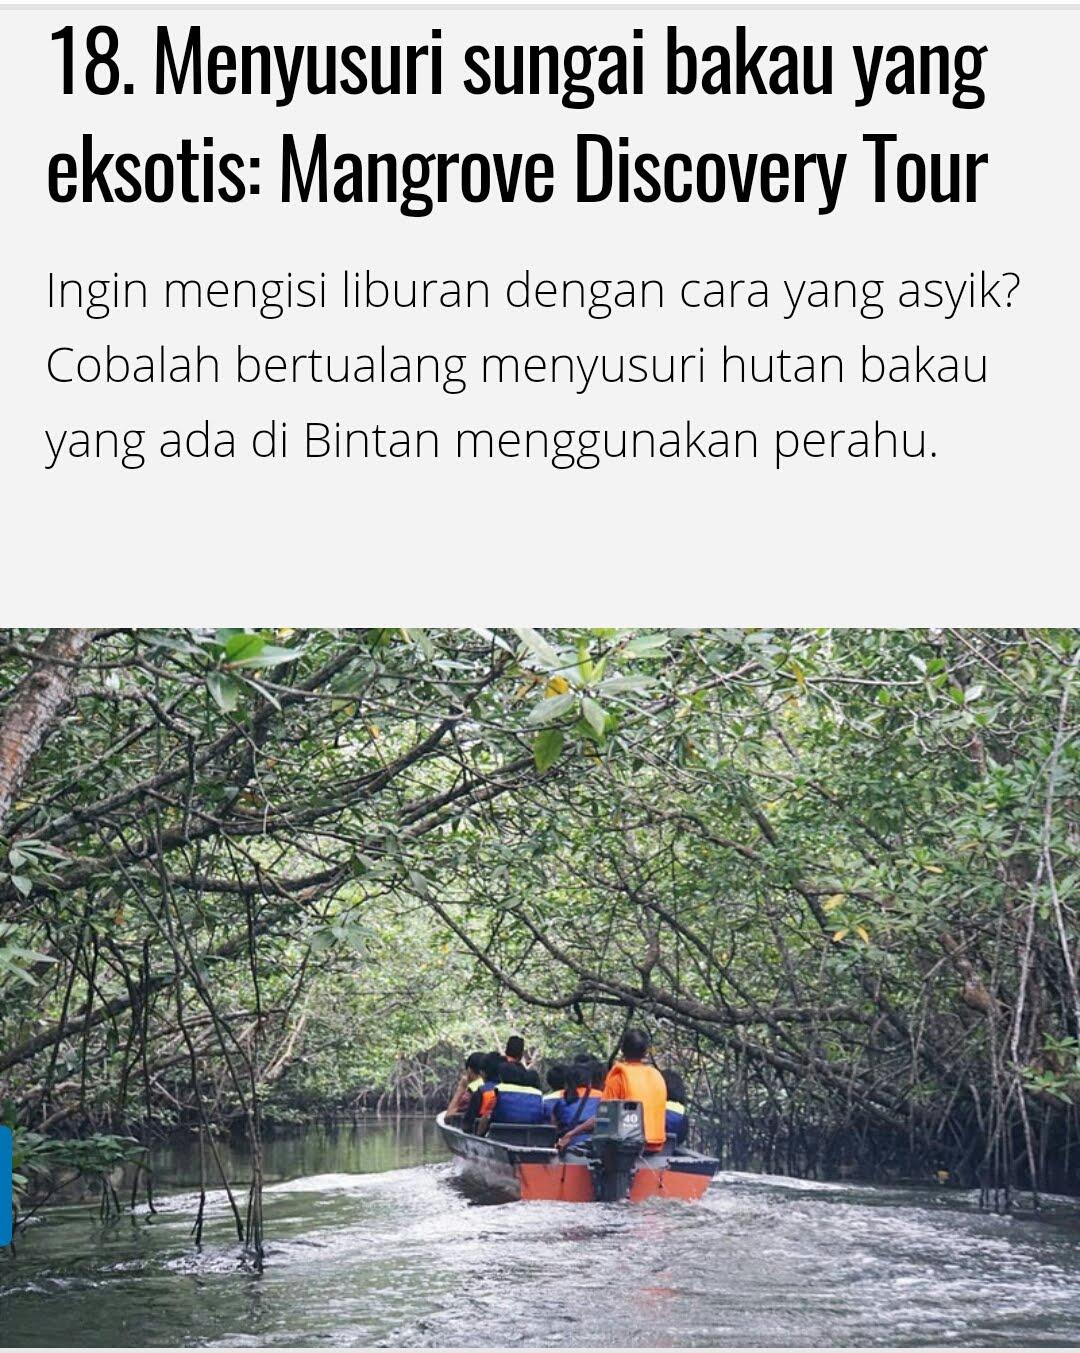 Bintan Mangrove sunflies Tour